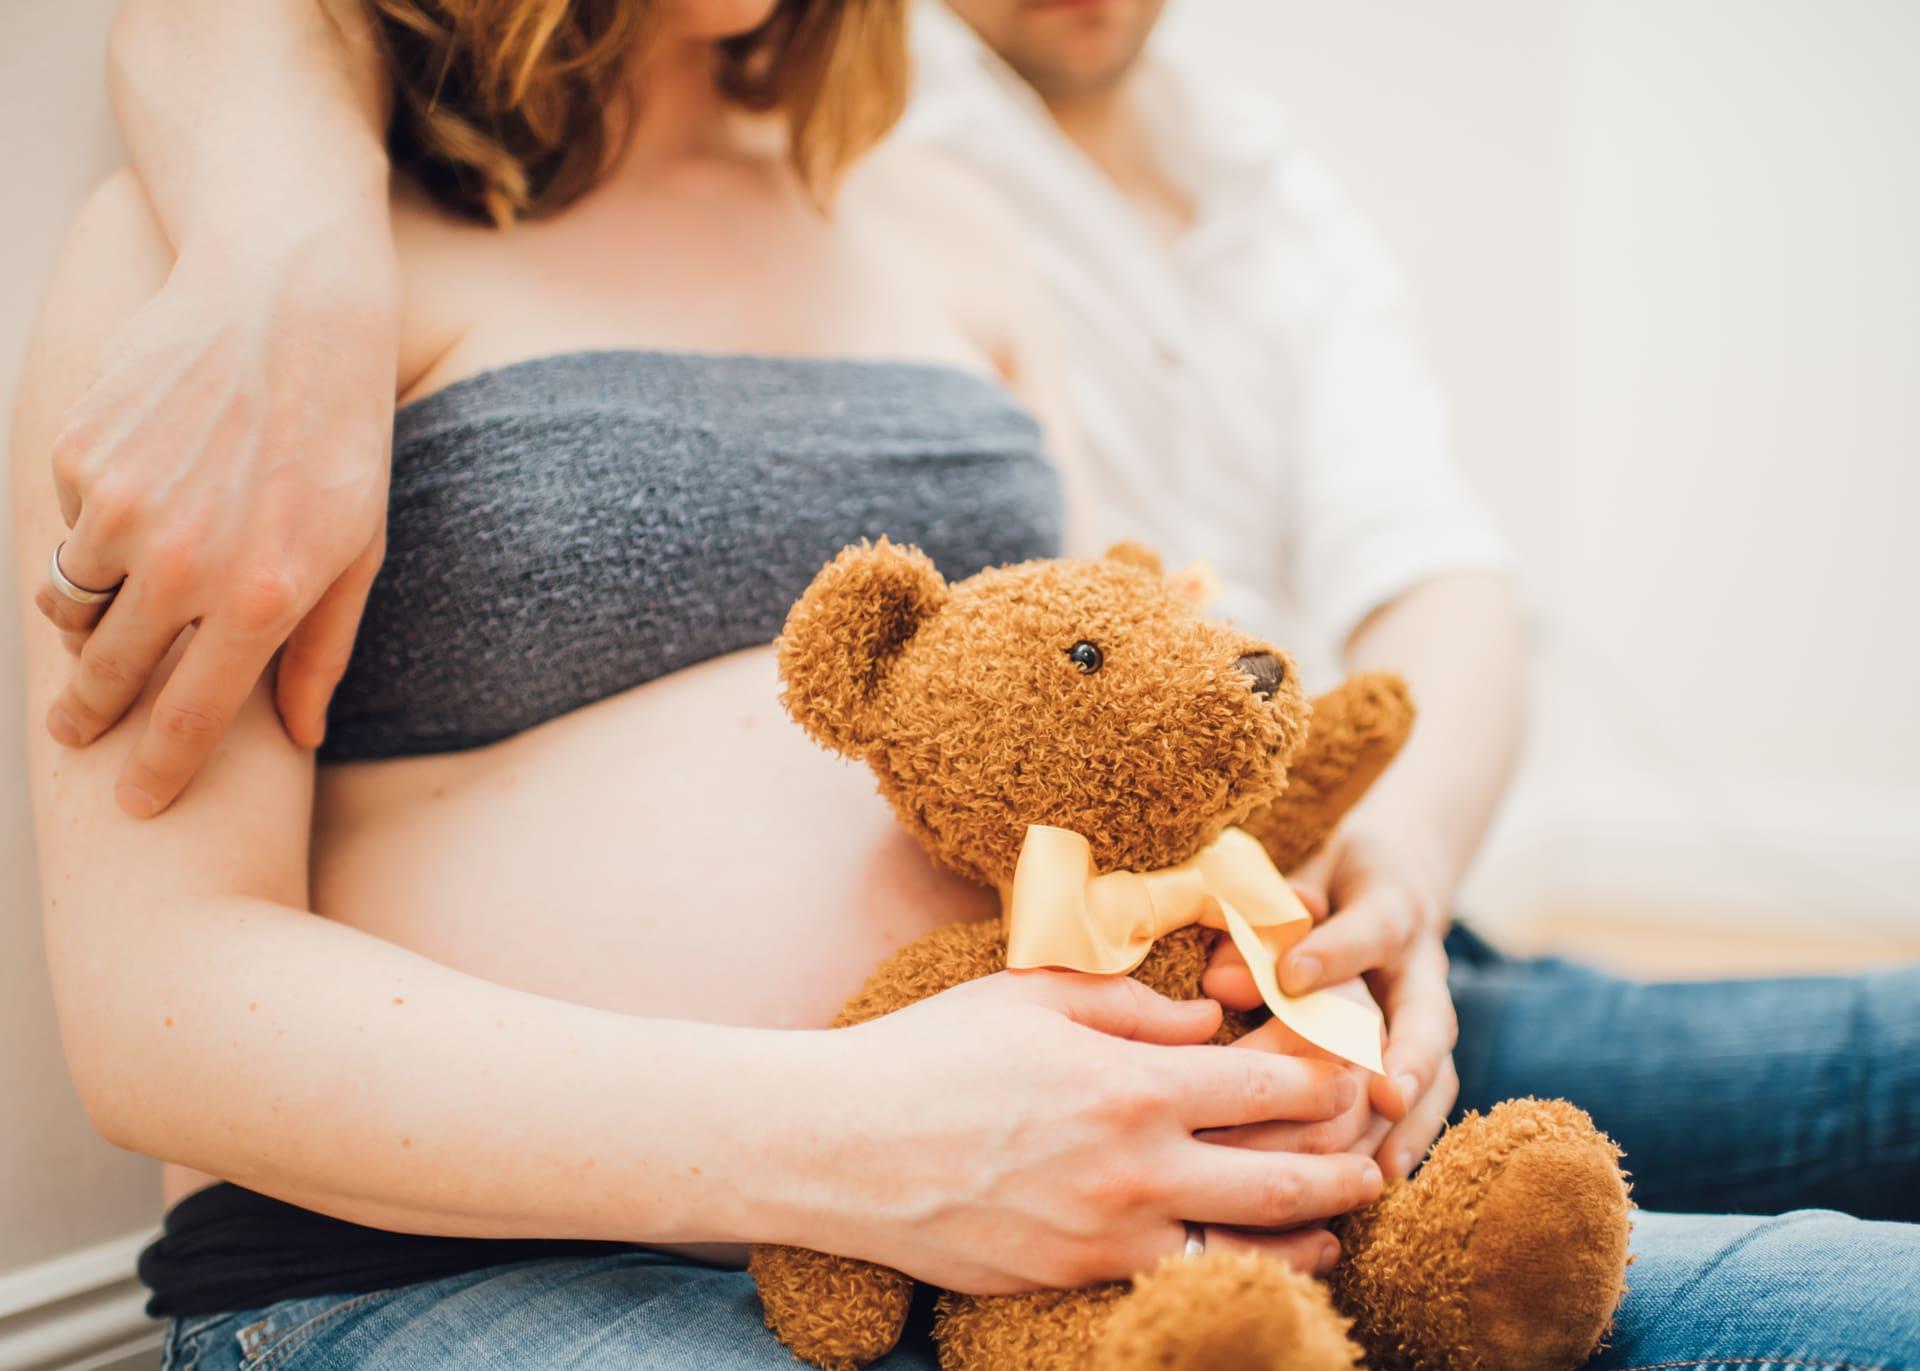 schwangerschaft-fotos-babybauch-28